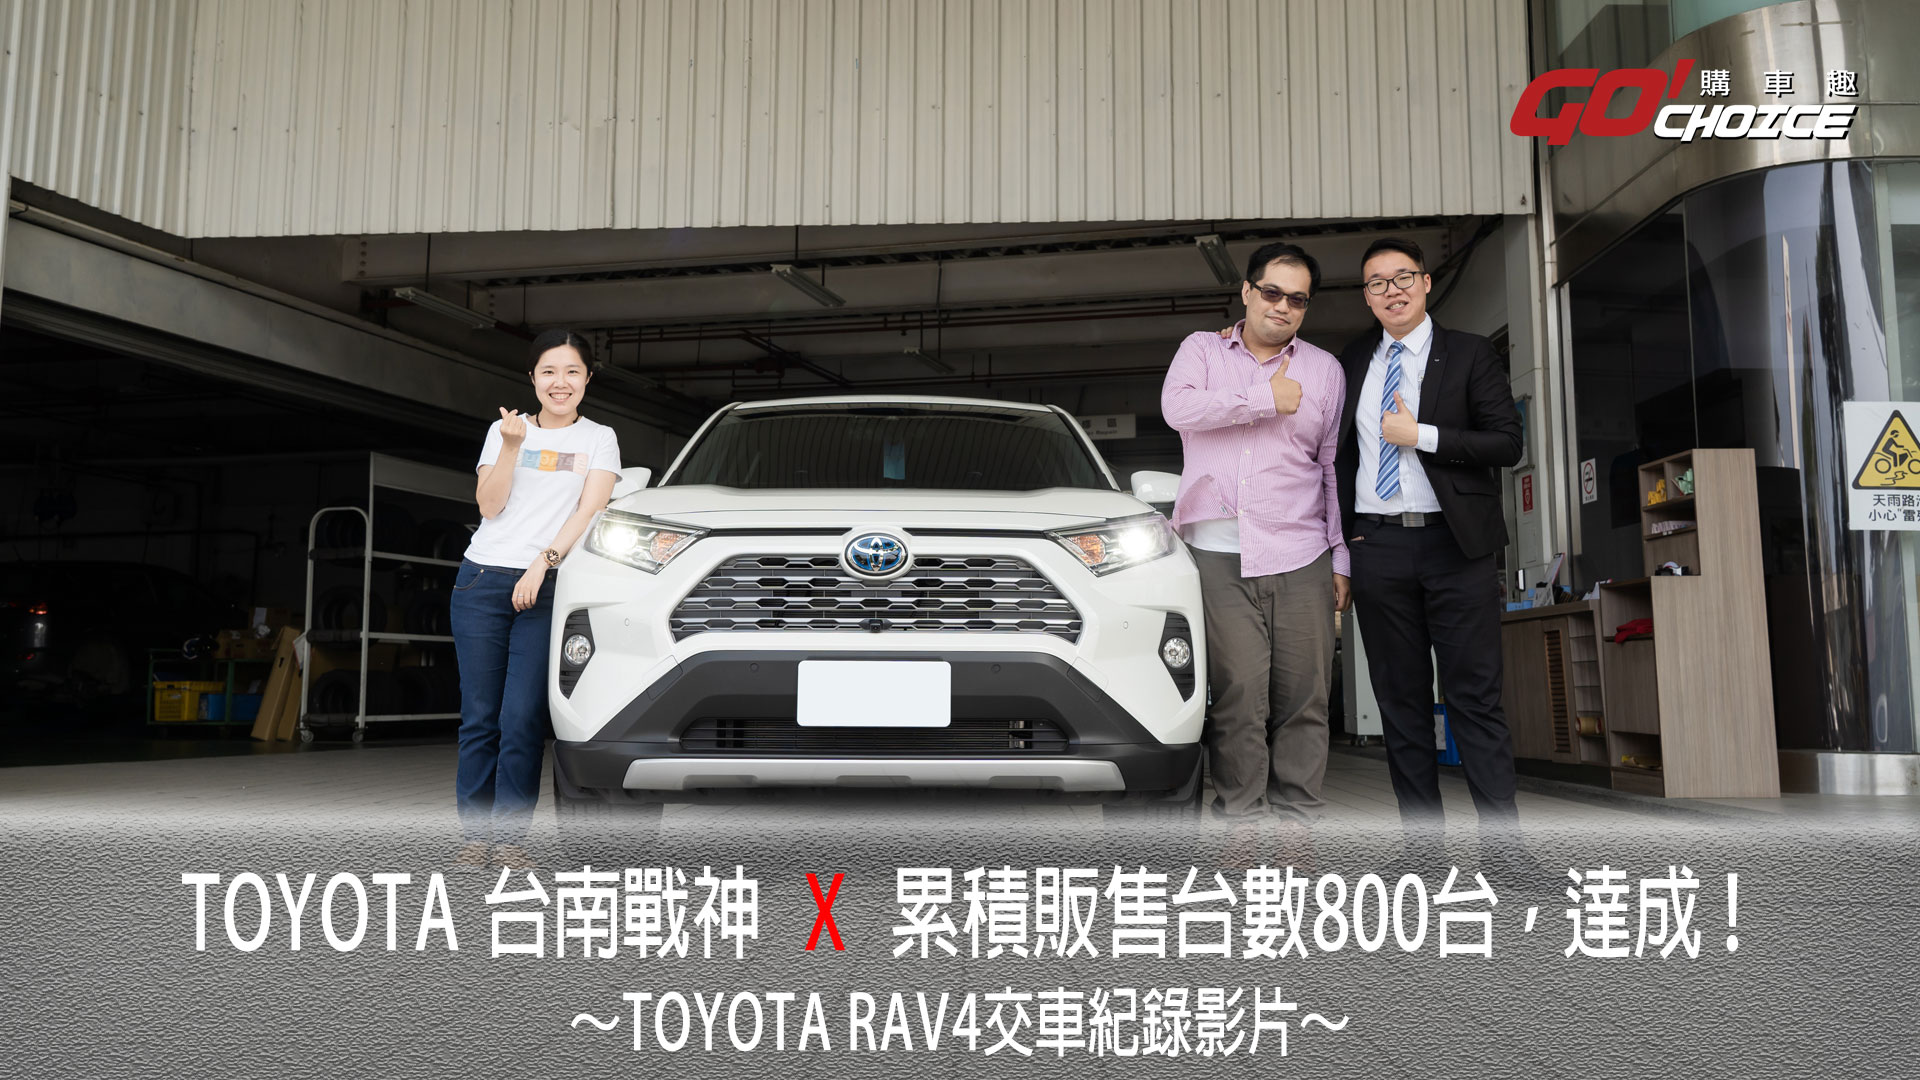 交車紀錄-第800台達成!TOYOTA RAV4-銷售顧問 TOYOTA台南-張哲斌